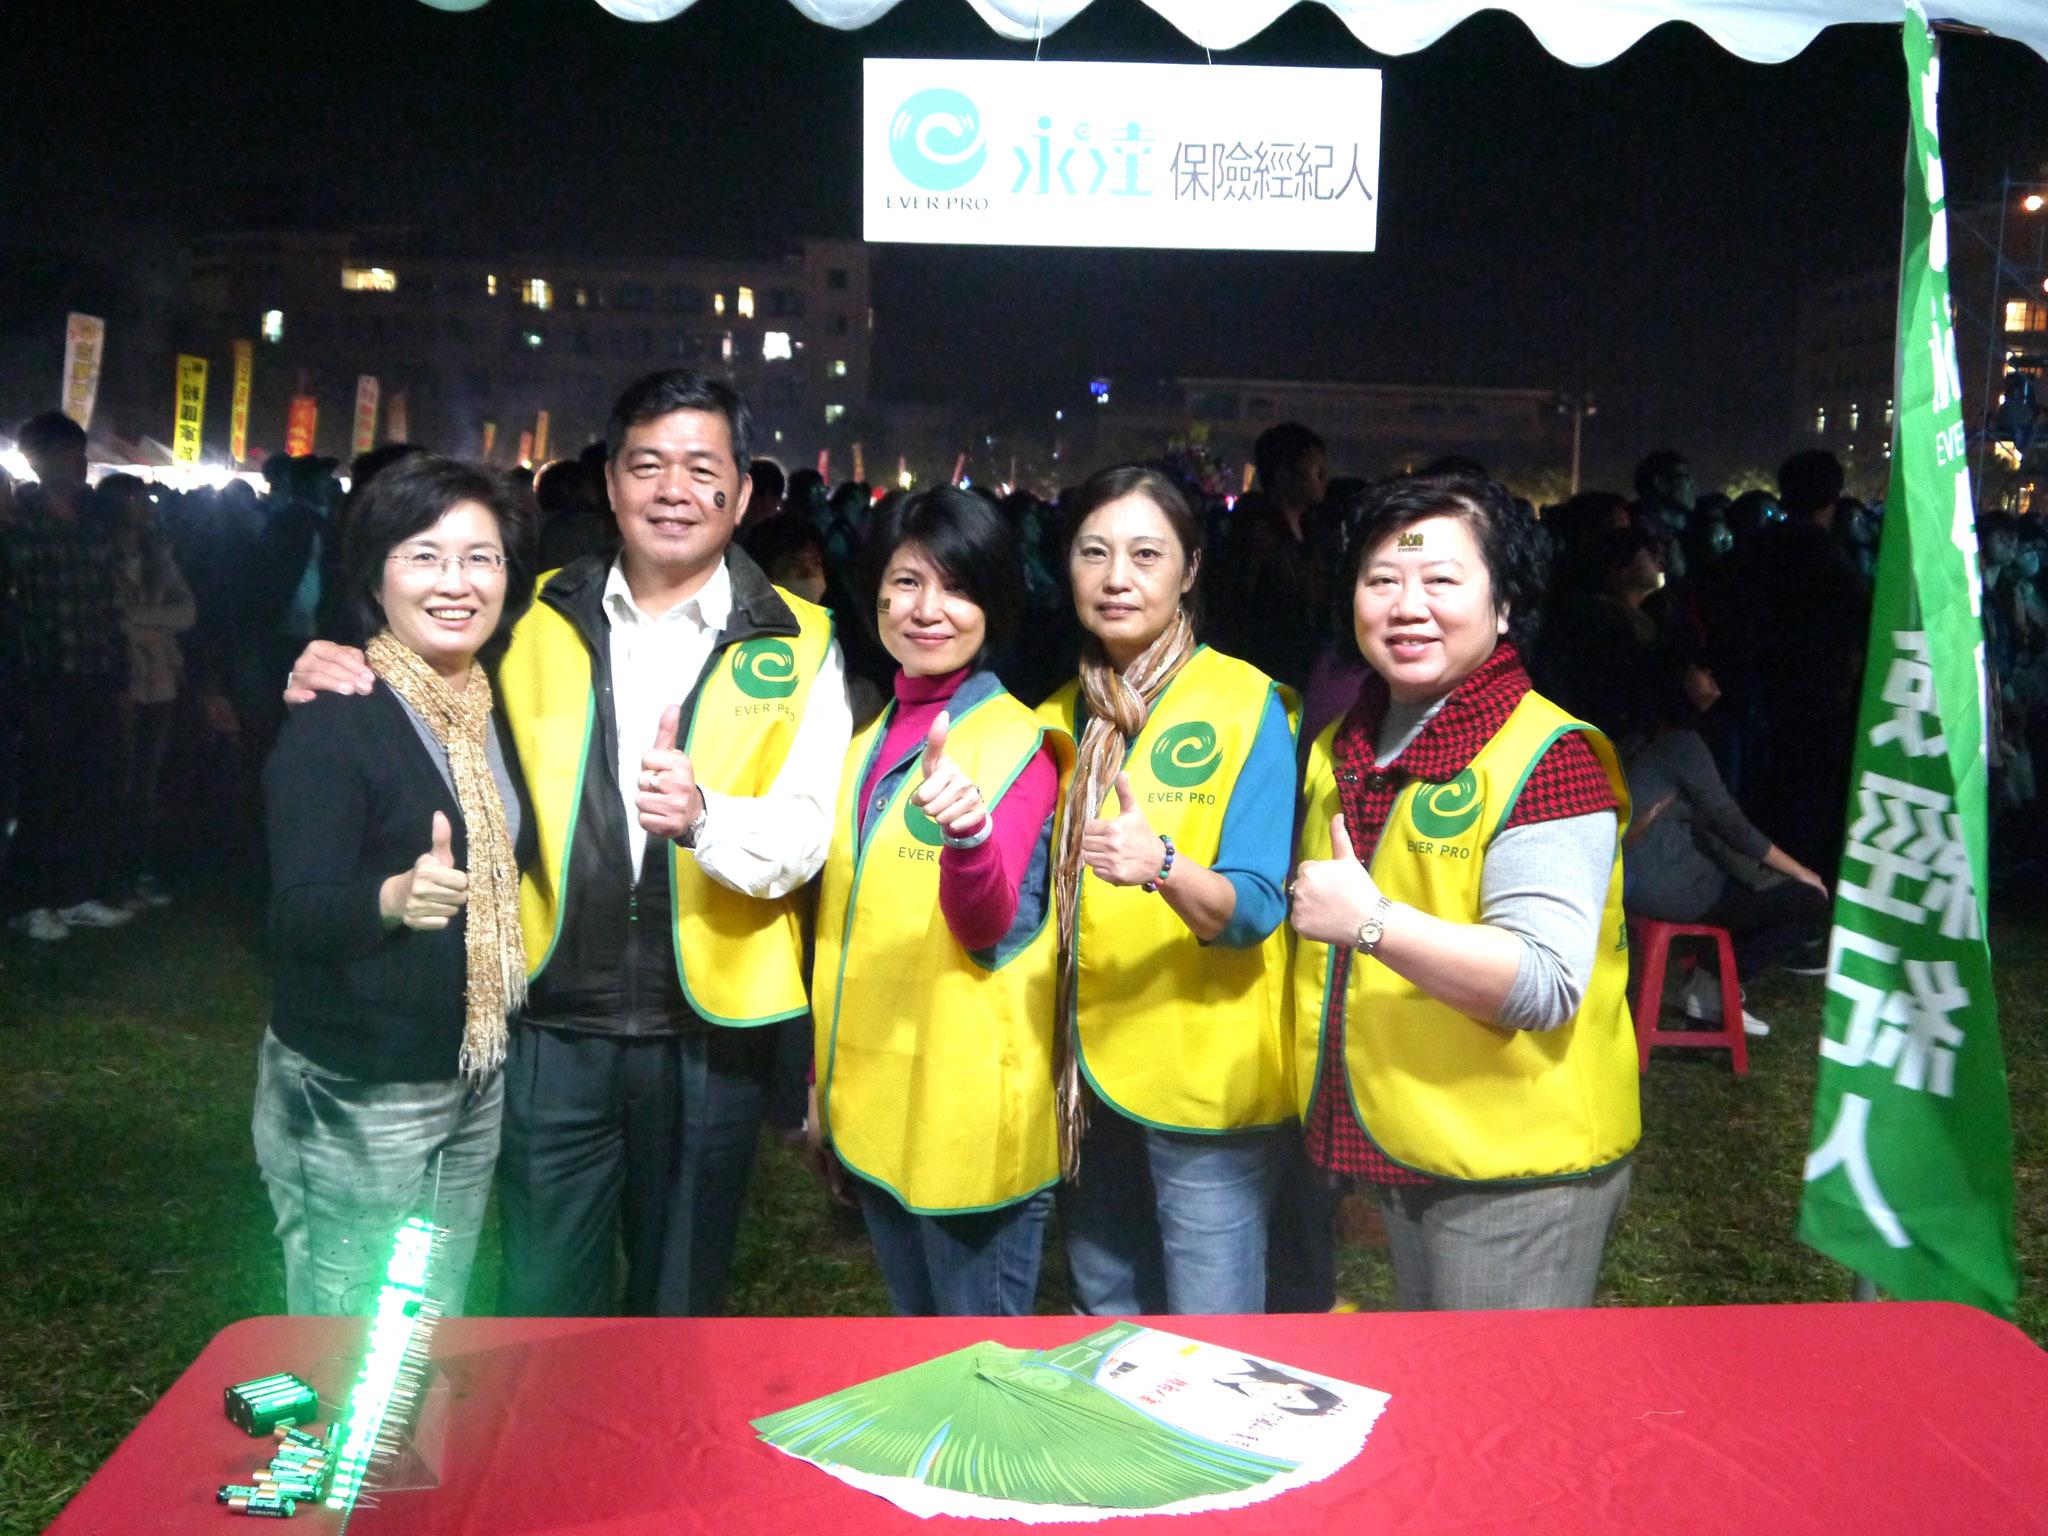 永達嘉義地區林國龍經理(圖左二)帶領單位同仁 於活動現場提供就業諮詢服。